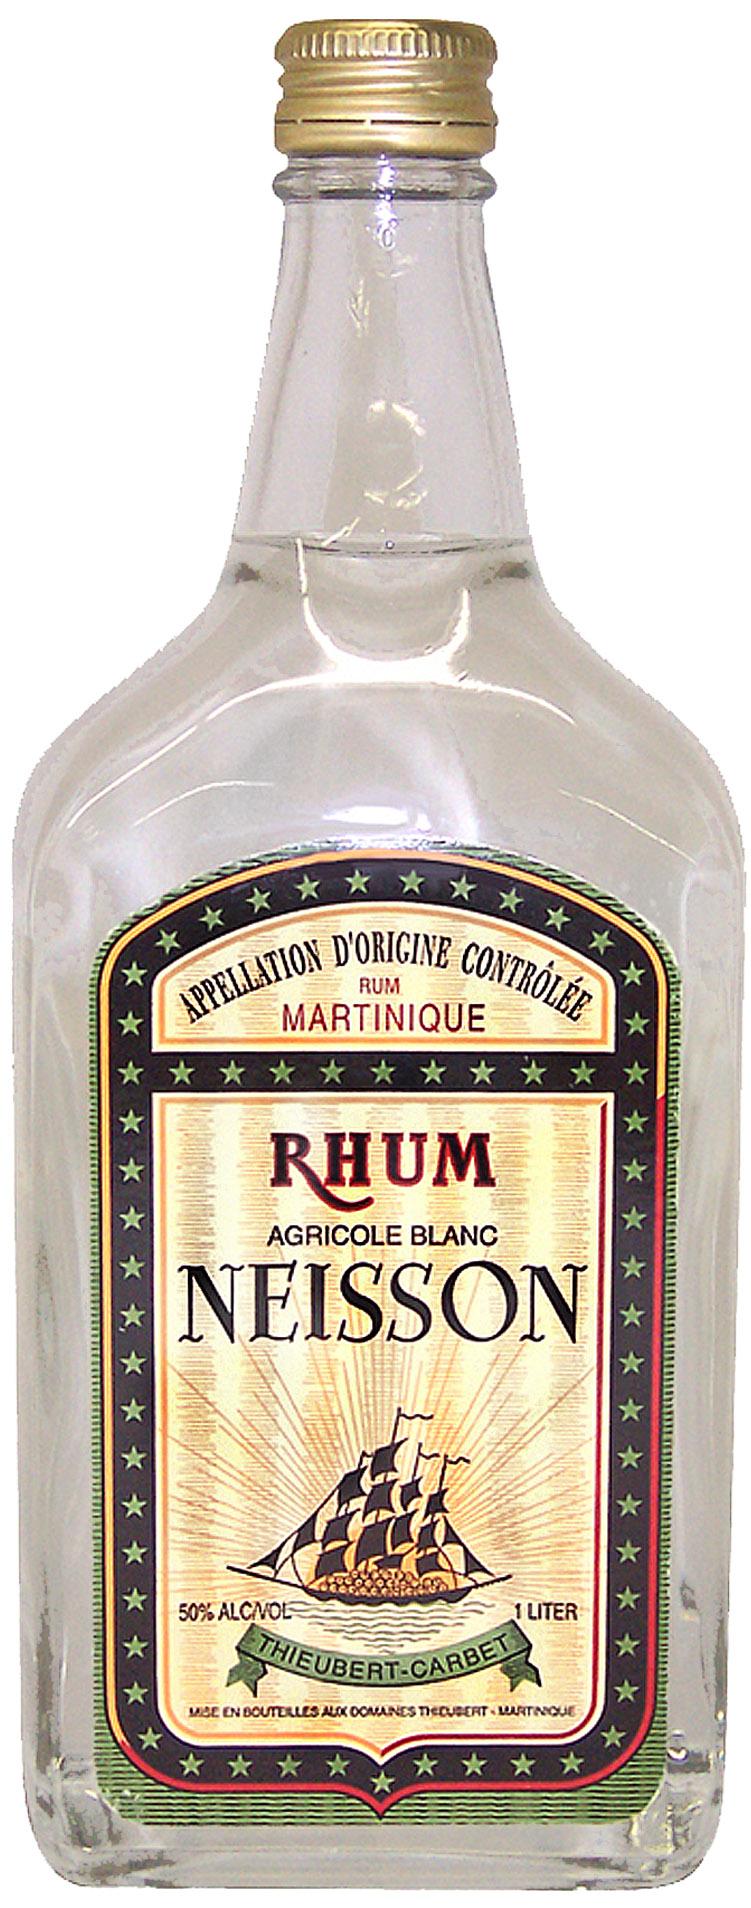 http://www.caribbean-spirits.com/images/Neisson%20Blanc.jpg